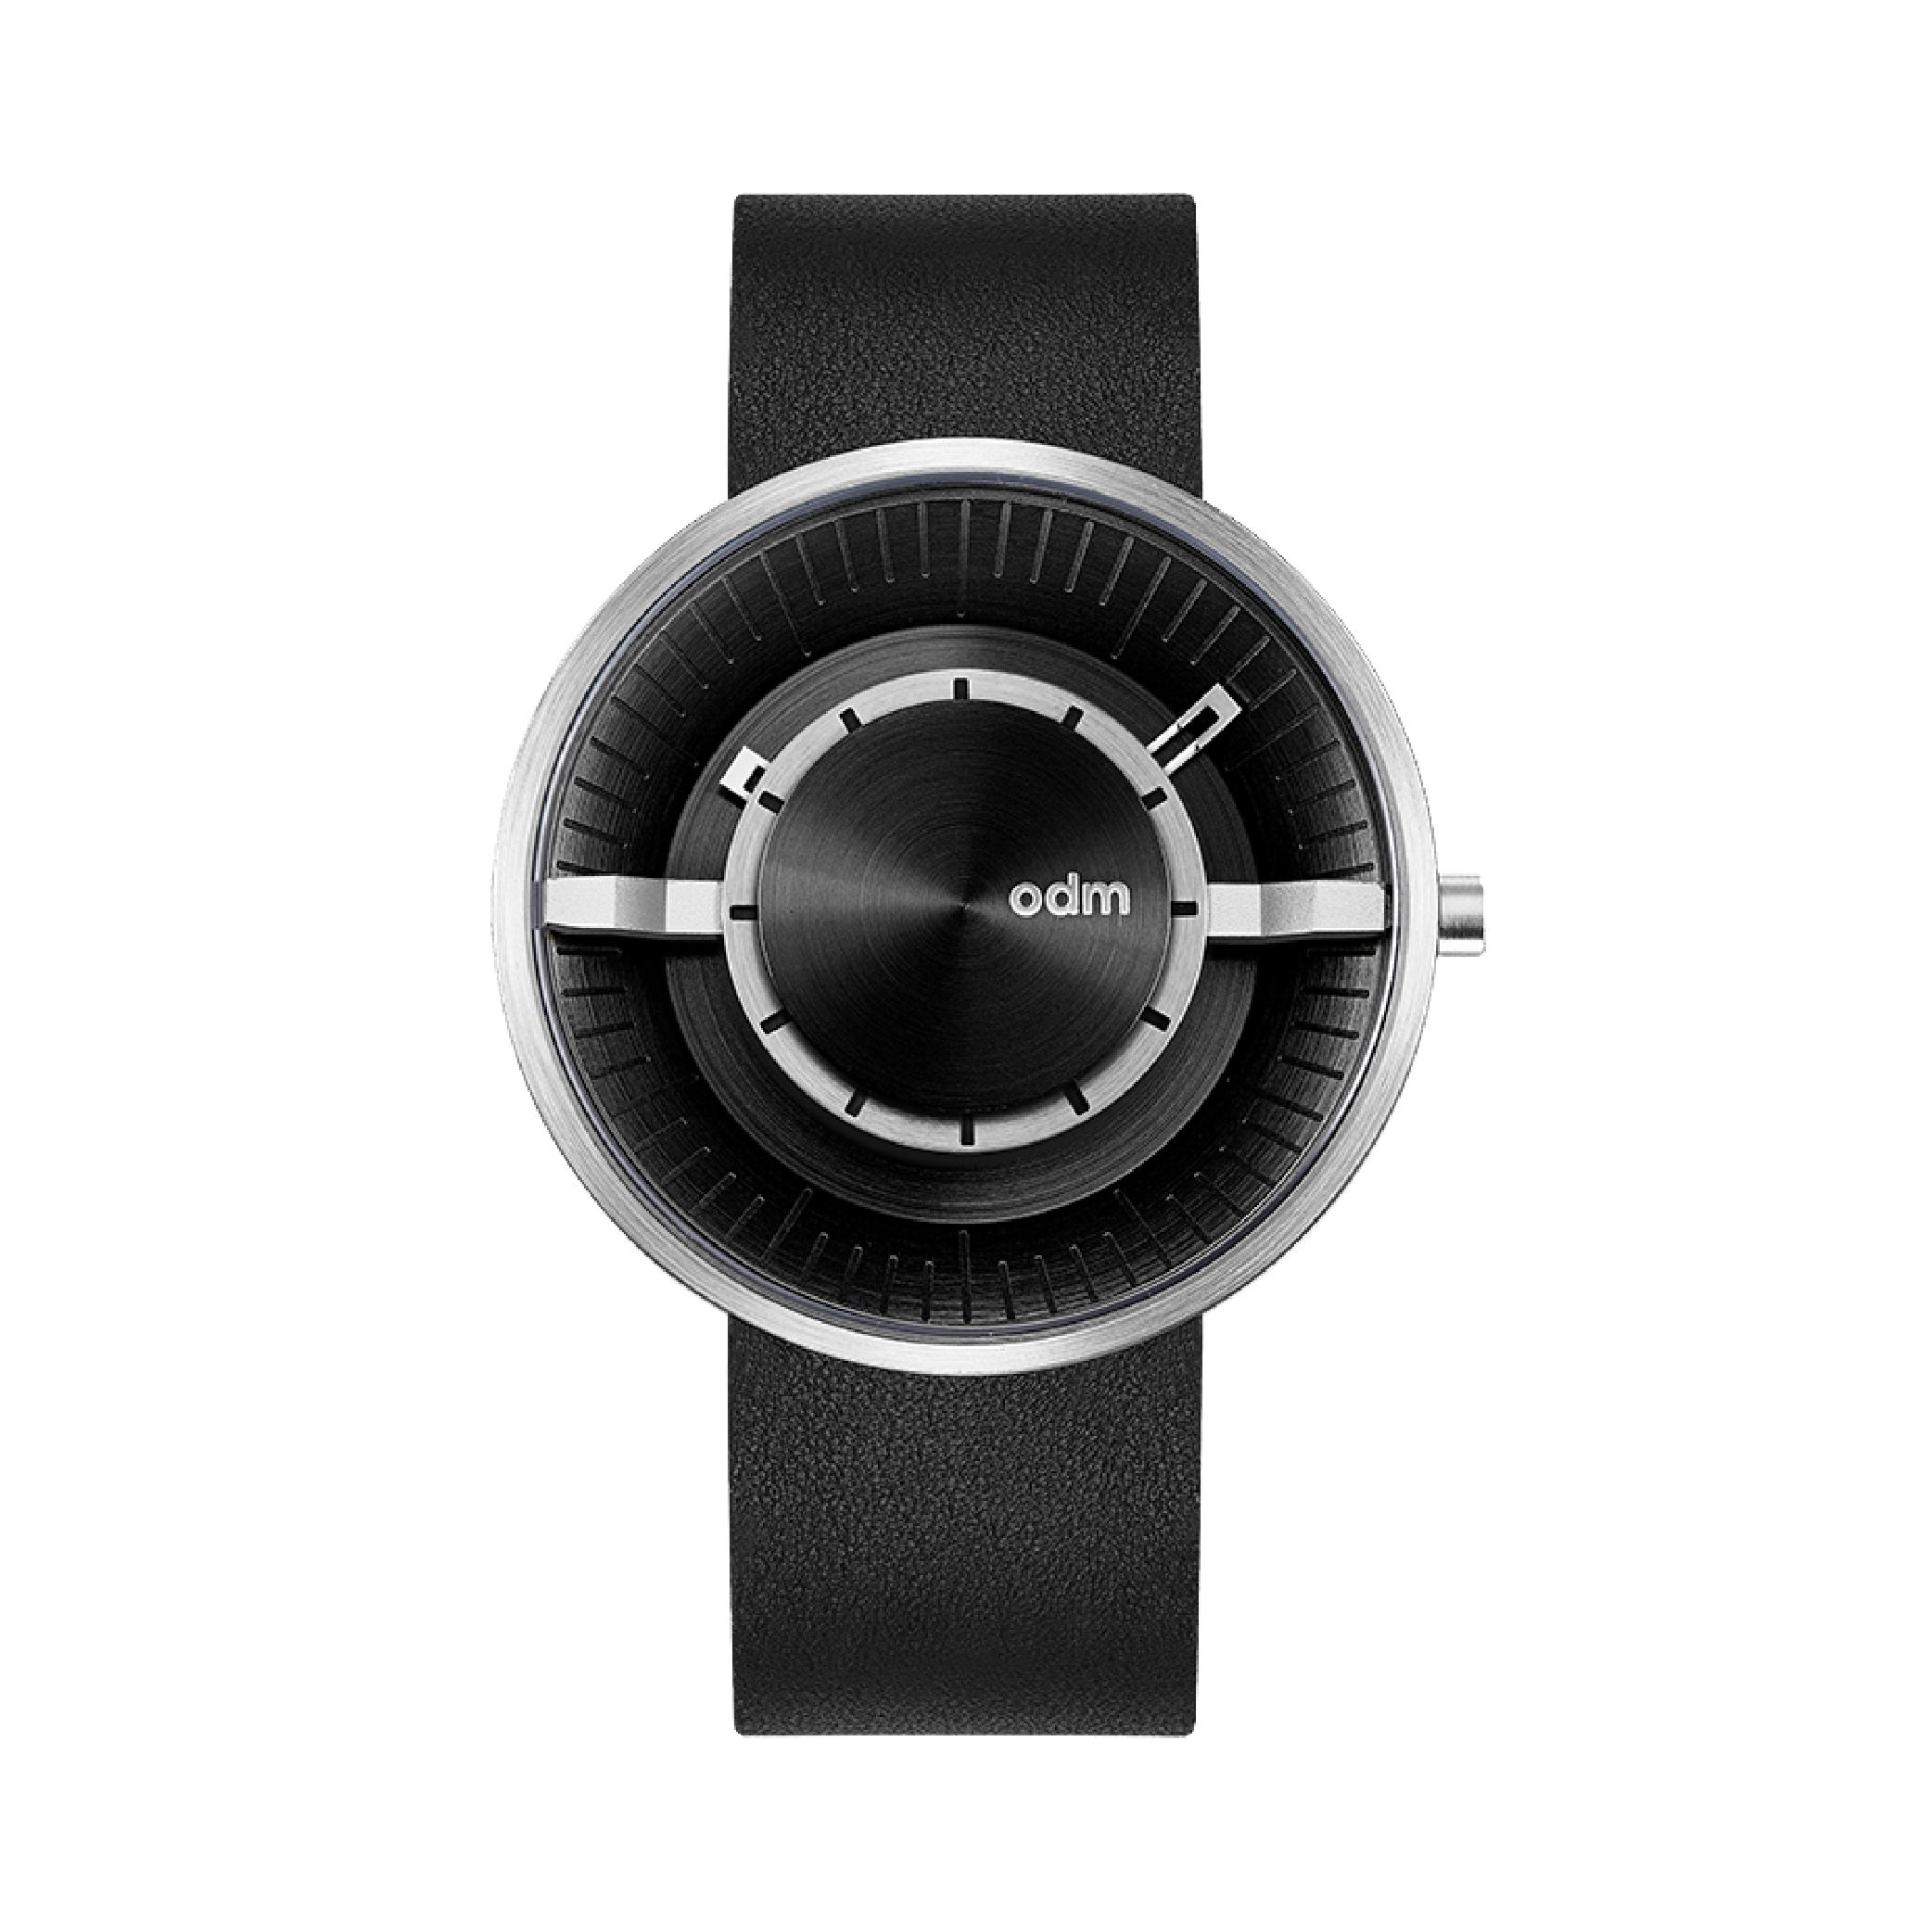 นาฬิกาข้อมือ ODM DD173-04